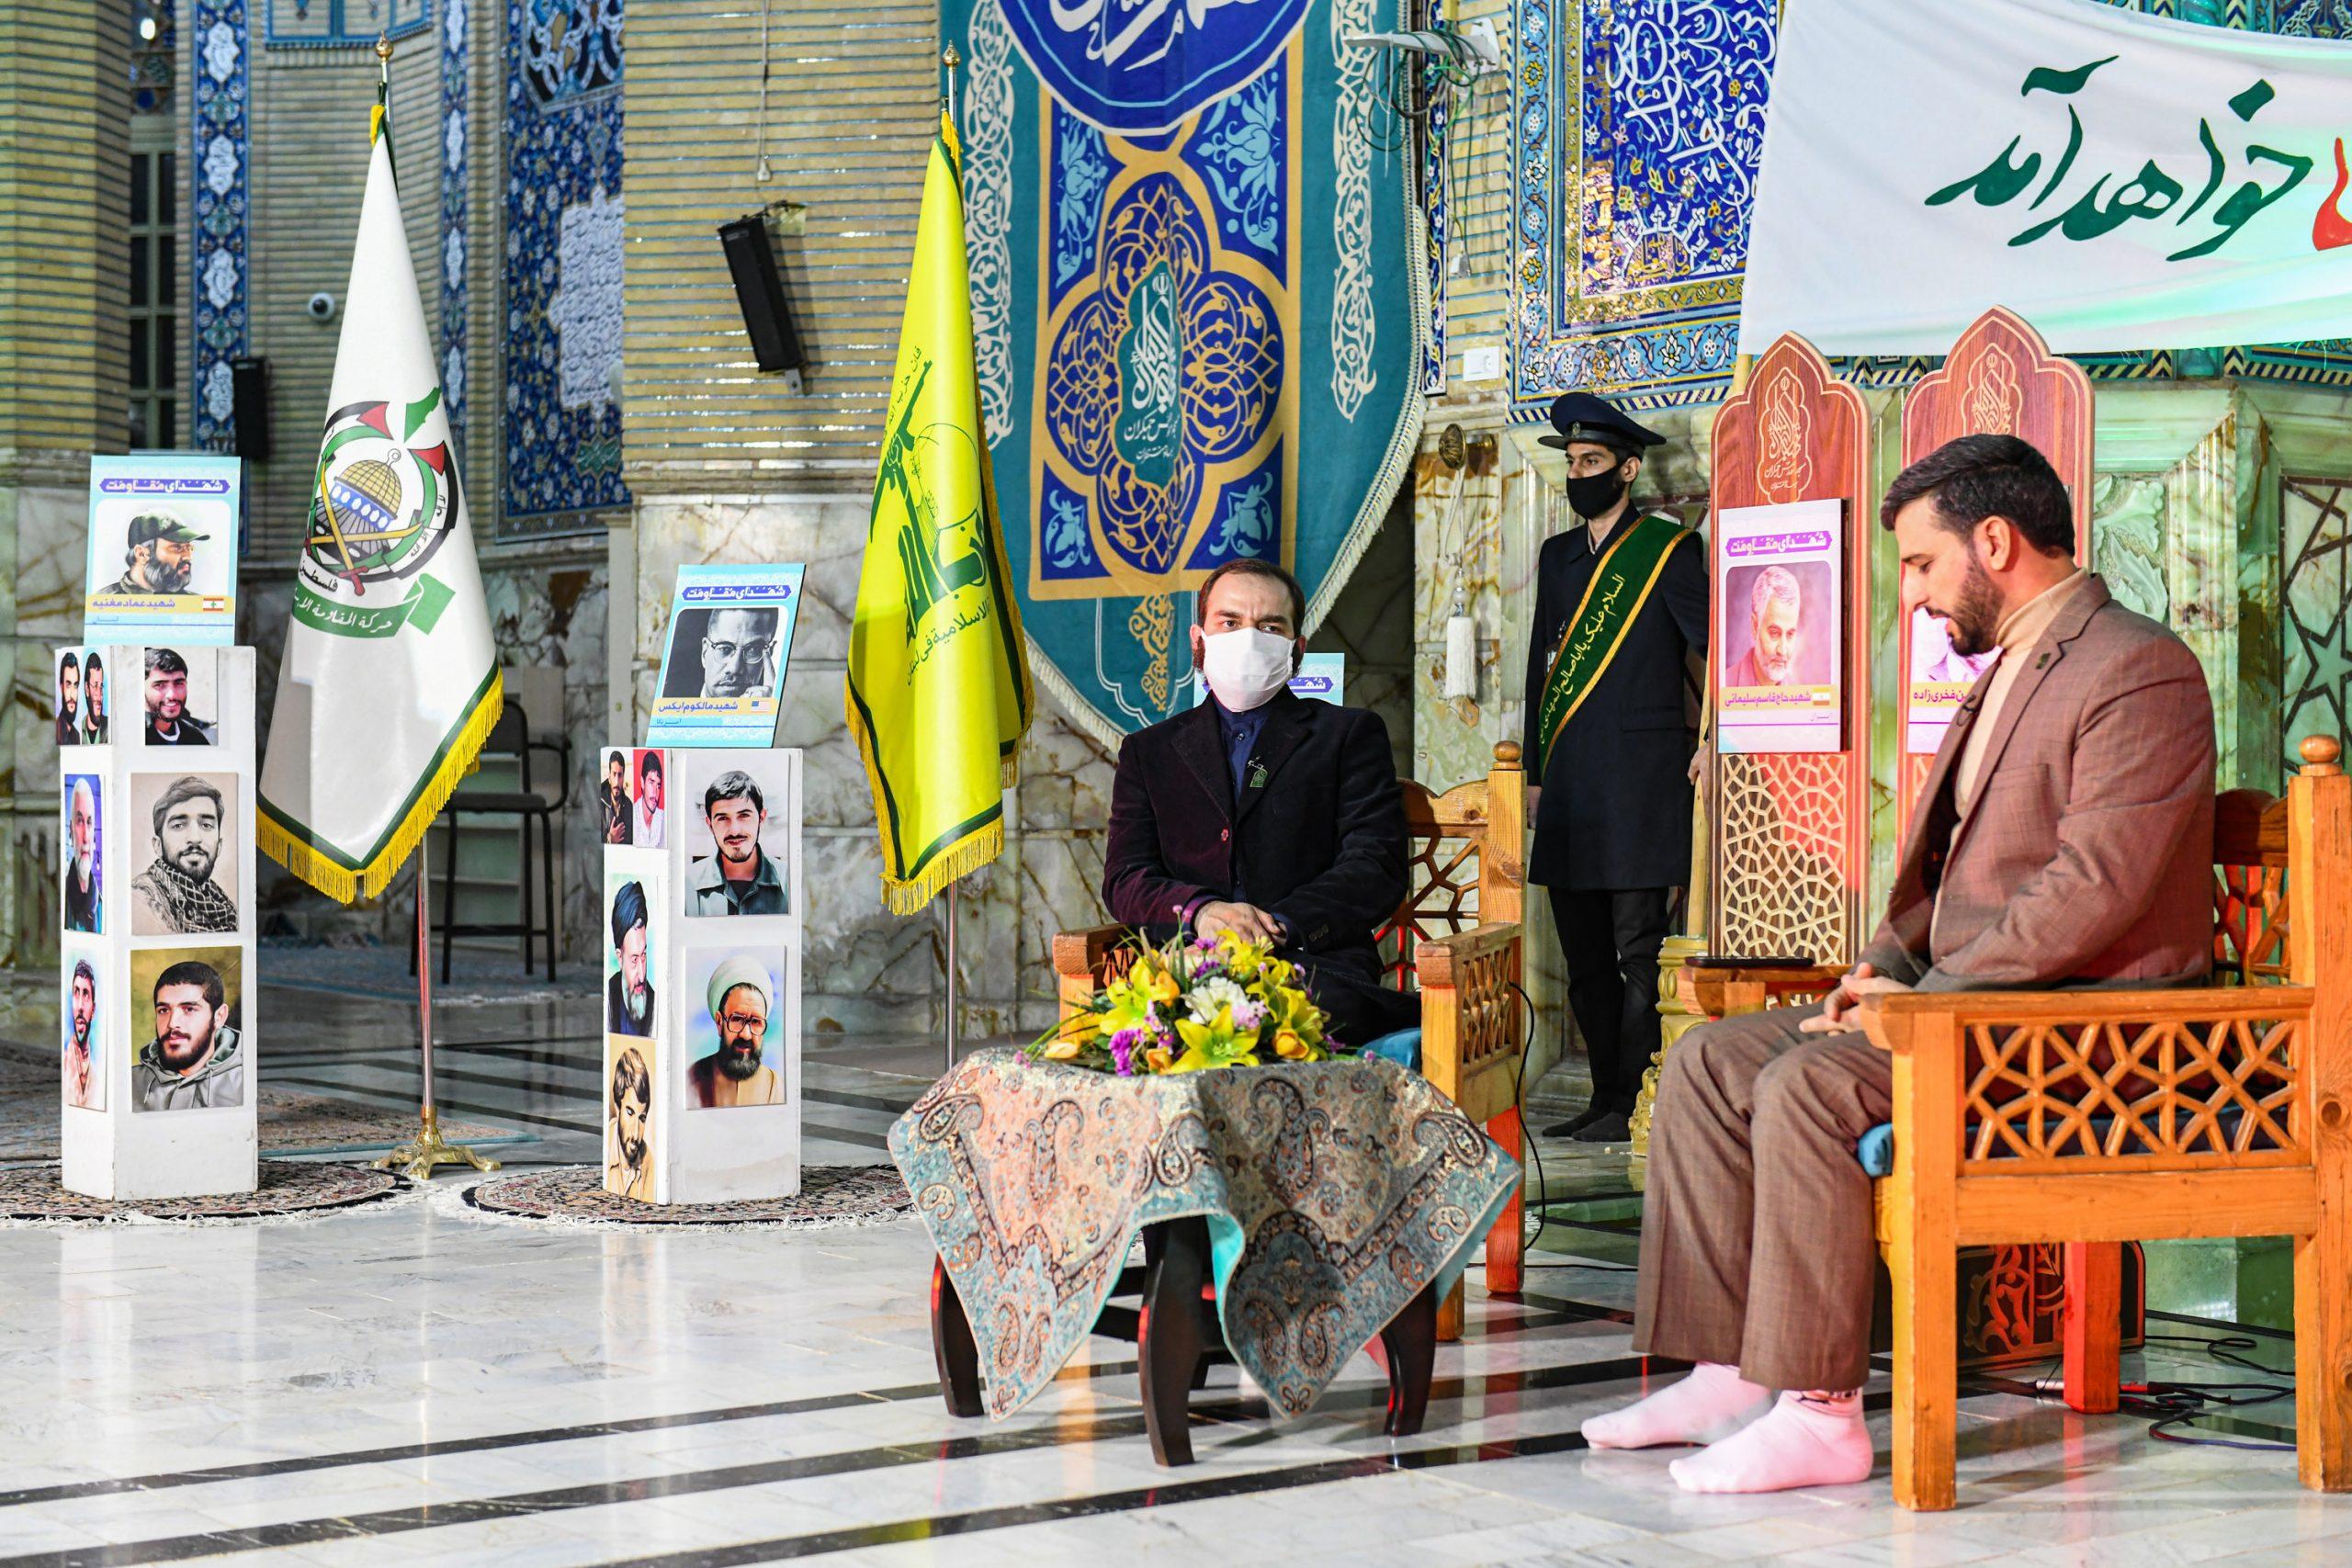 مراسم گرامیداشت شهید محسن فخری زاده در وعده گاه منتظران